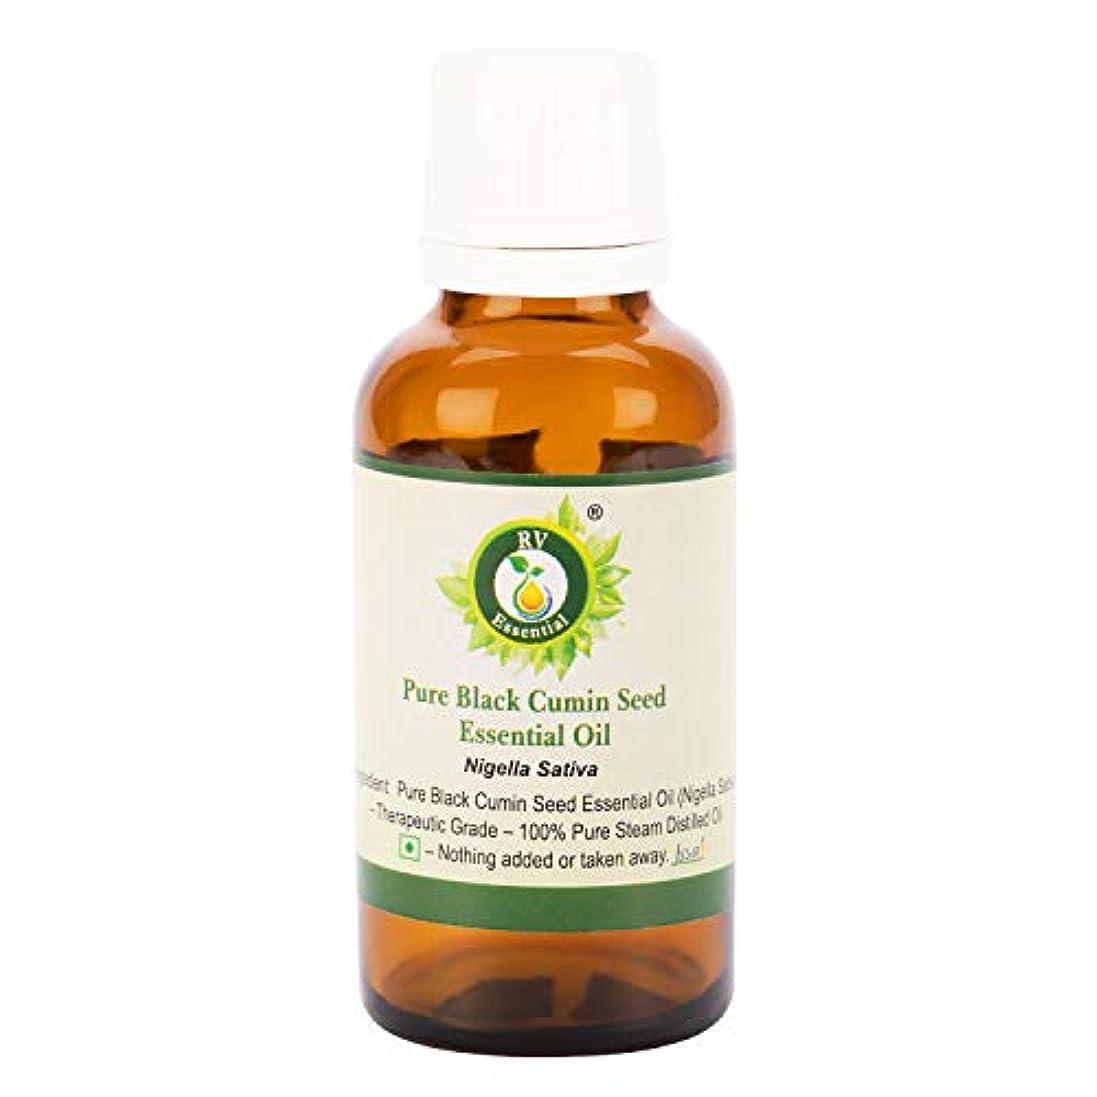 誇張スモッグトリッキーピュアブラッククミンシードエッセンシャルオイル5ml (0.169oz)- Nigella Sativa (100%純粋&天然スチームDistilled) Pure Black Cumin Seed Essential...